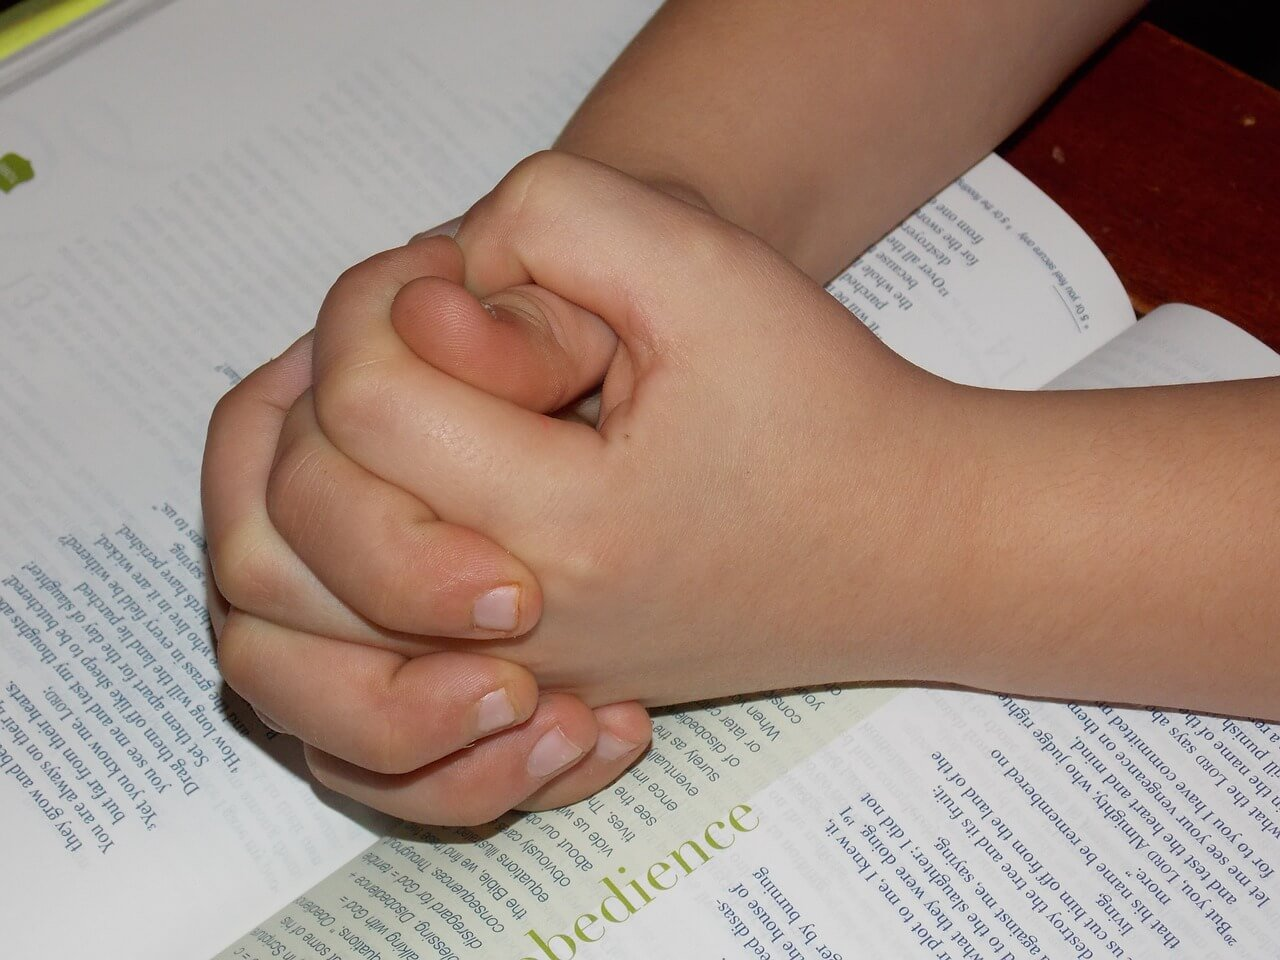 niño_biblia